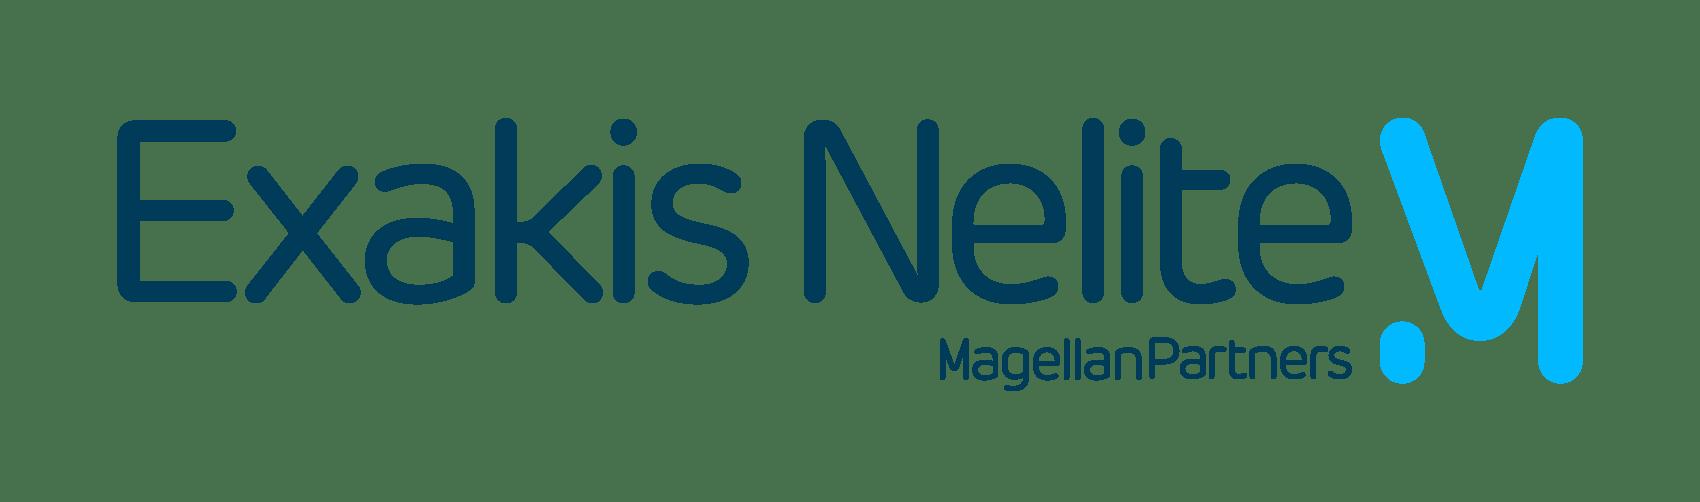 Valo Partner Exakis Nelite